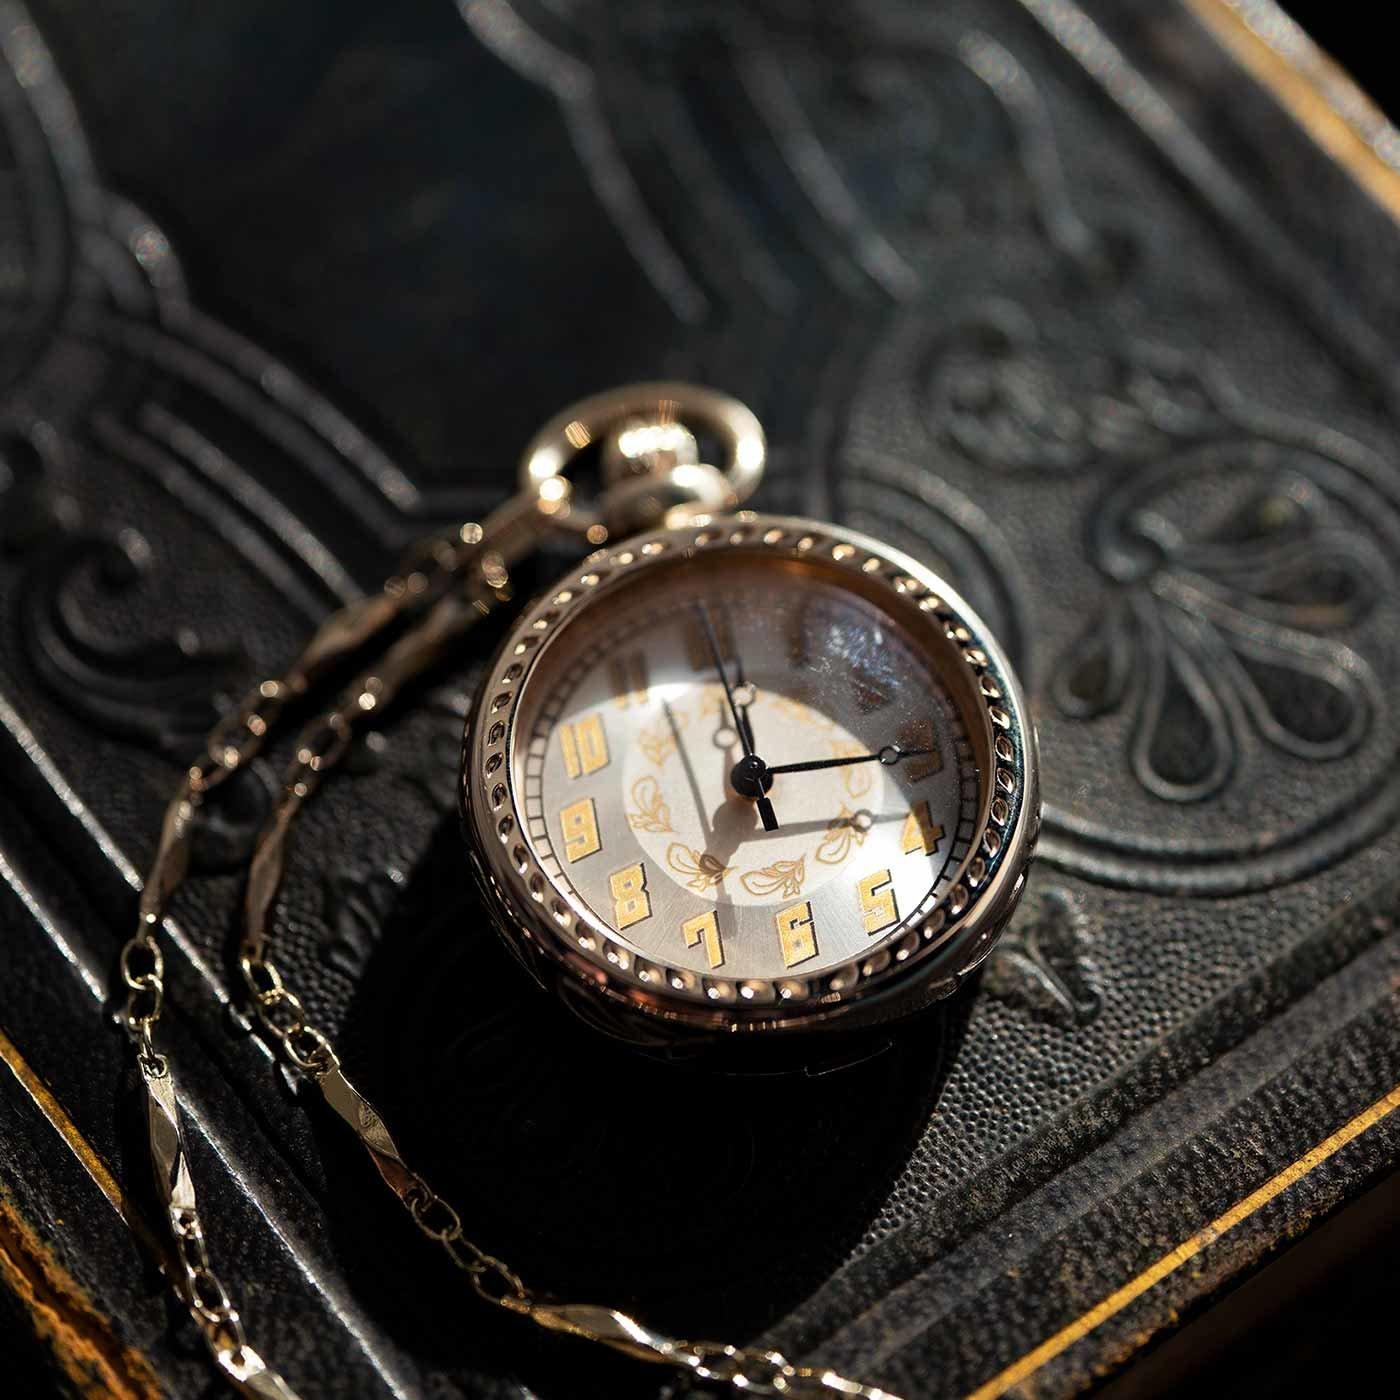 滋賀の時計工房と作った アールデコ調の懐中時計〈シャンパンゴールド〉